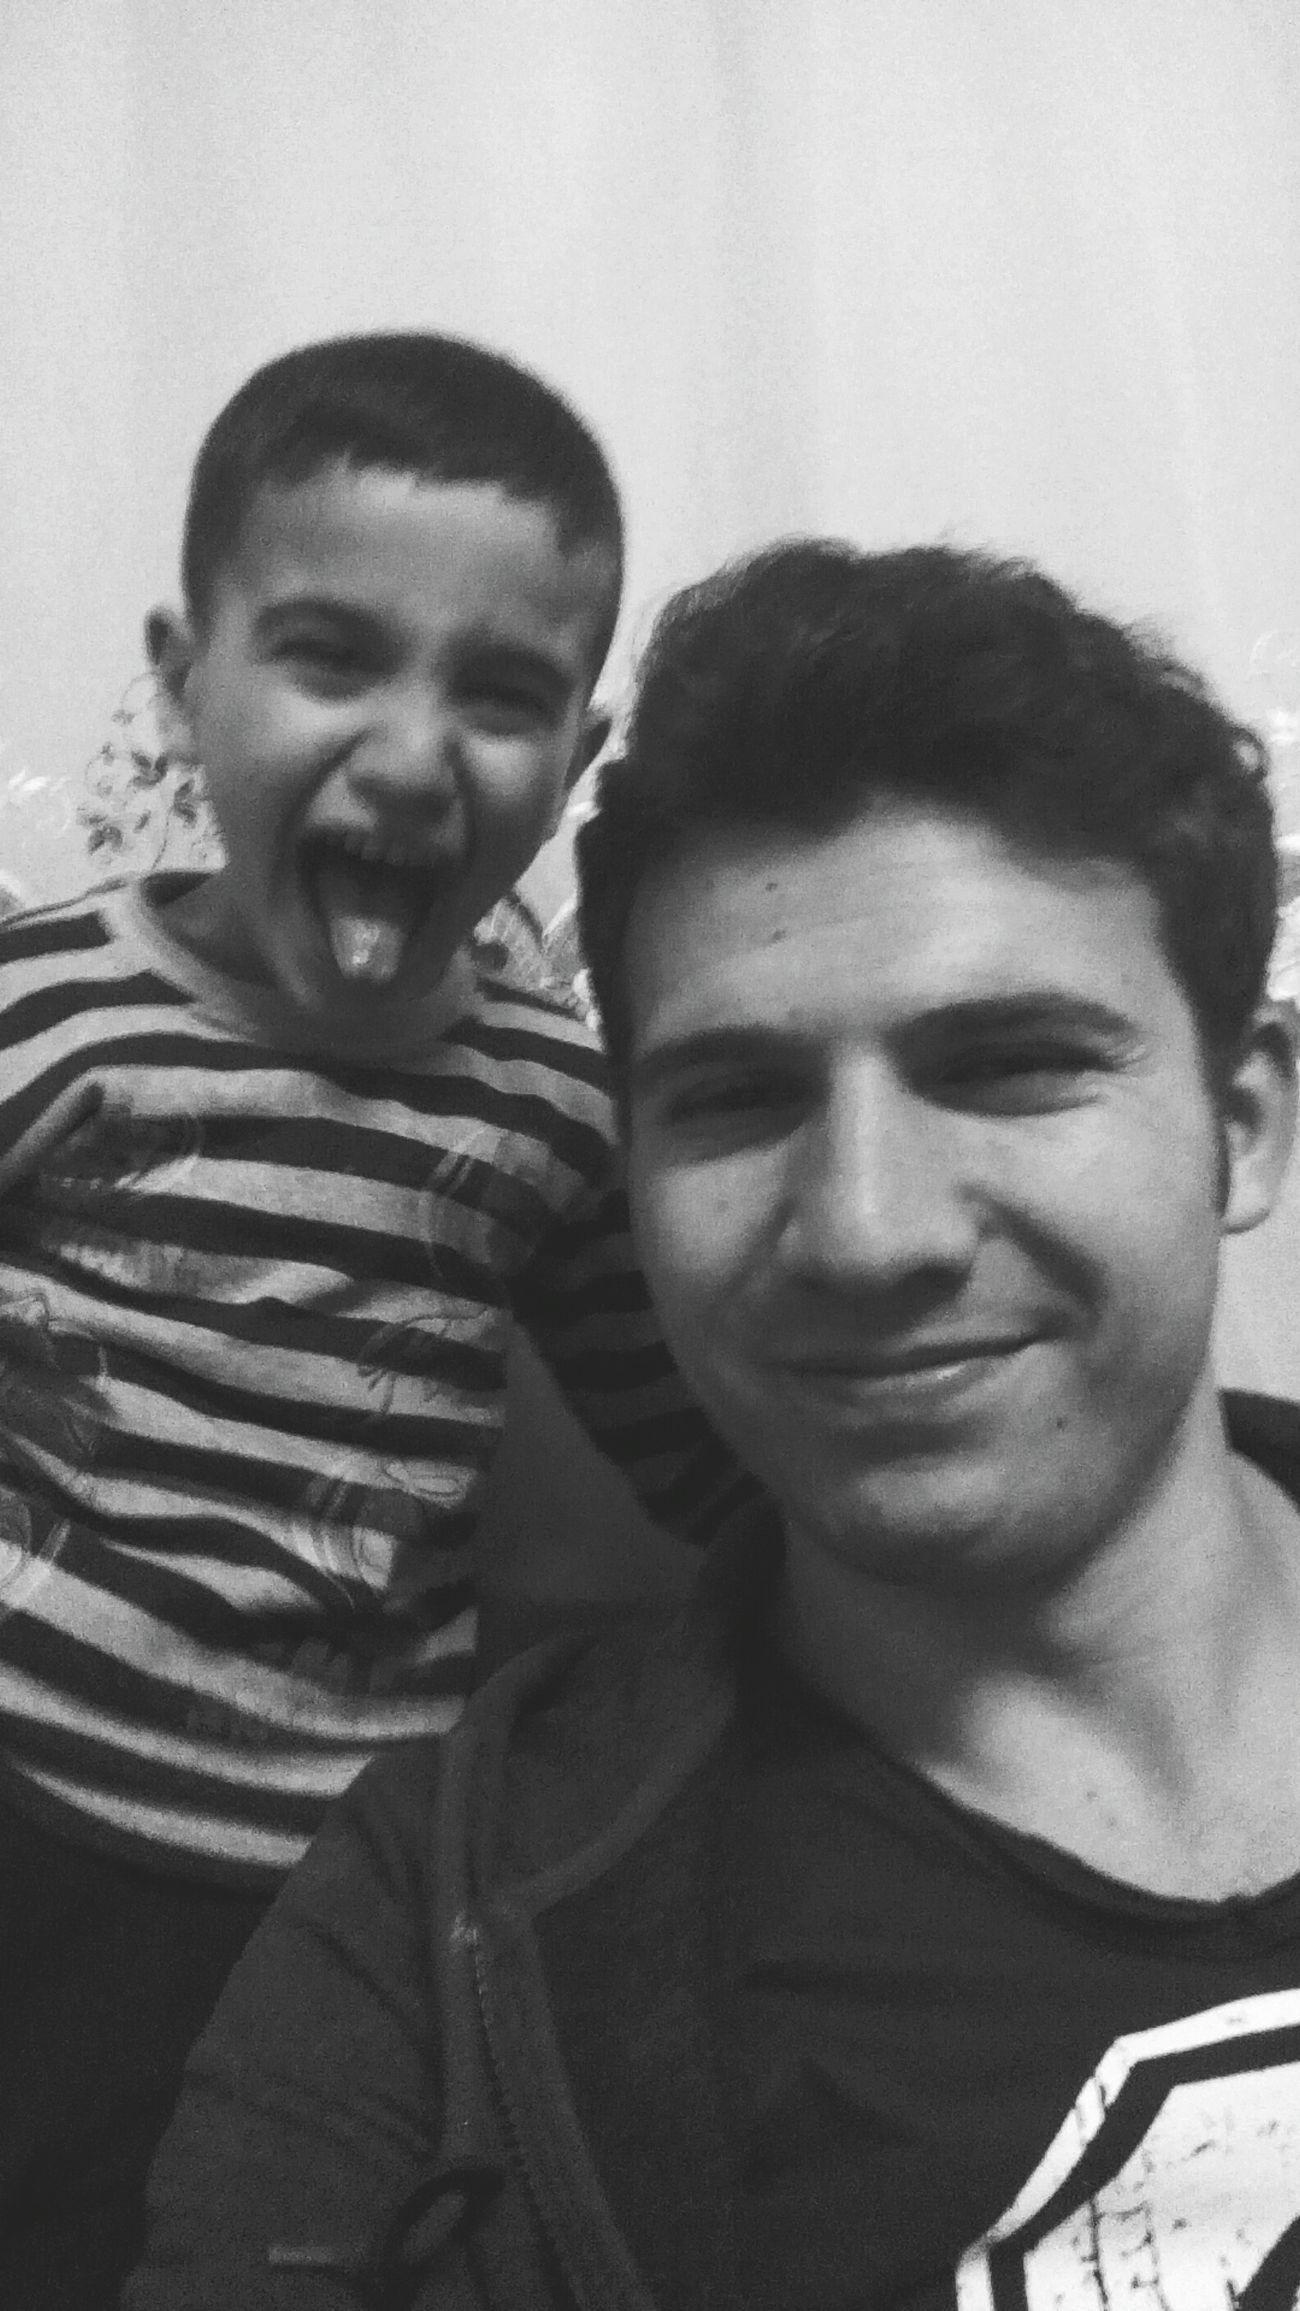 Yigen Ibrahim Izmir şımarıklık Komik Aile 23 NİSAN